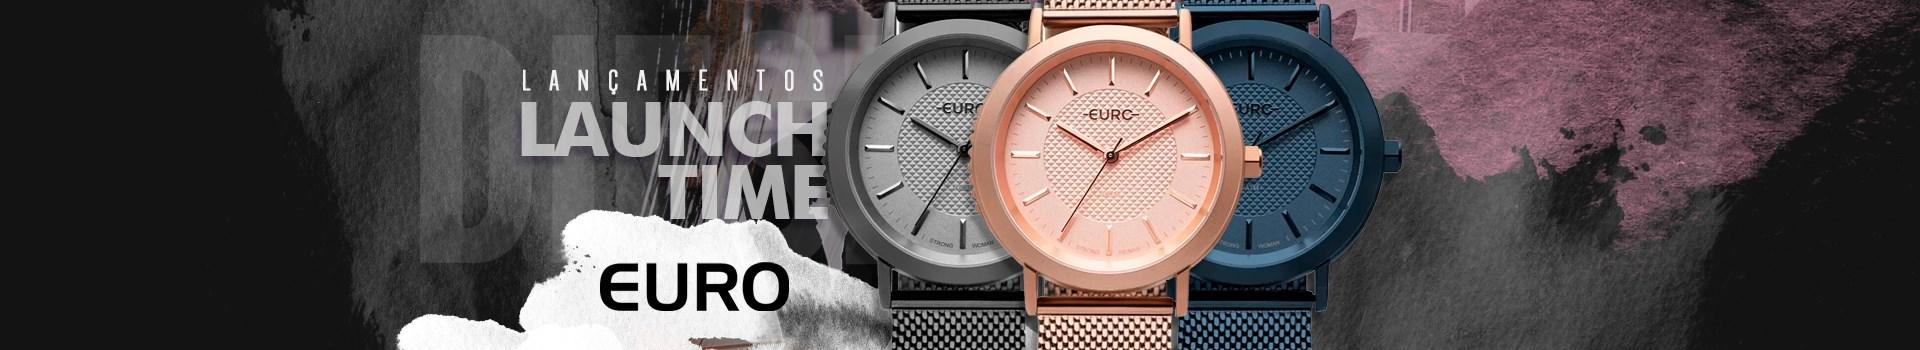 Lançamentos Relógios Euro